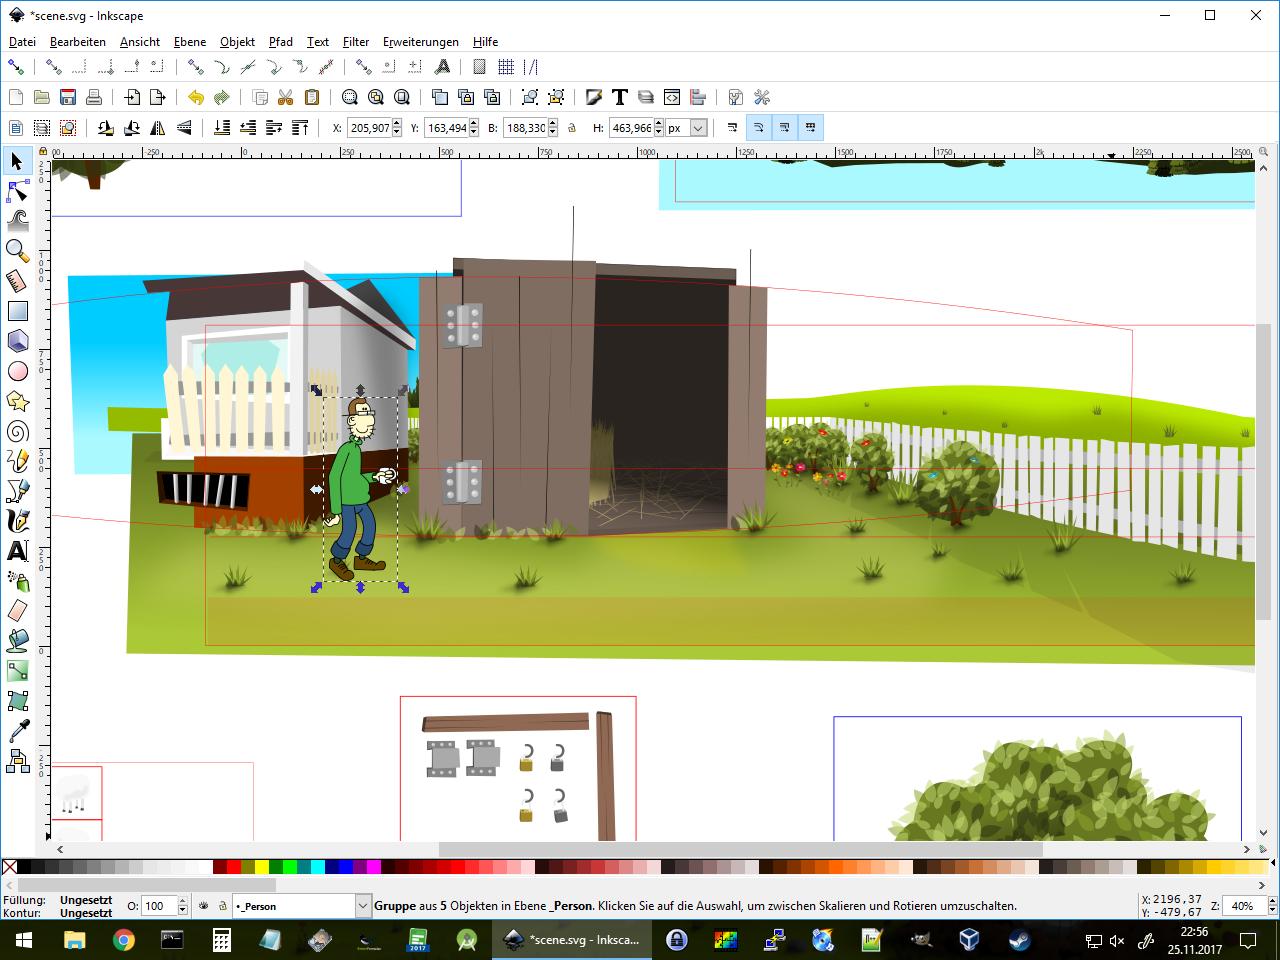 Die Grafiken sind mit Inkscape gezeichnet, was die Skalierung für alle erdenklichen Auflösungen erlaubt. (Bild: Damian Thater)